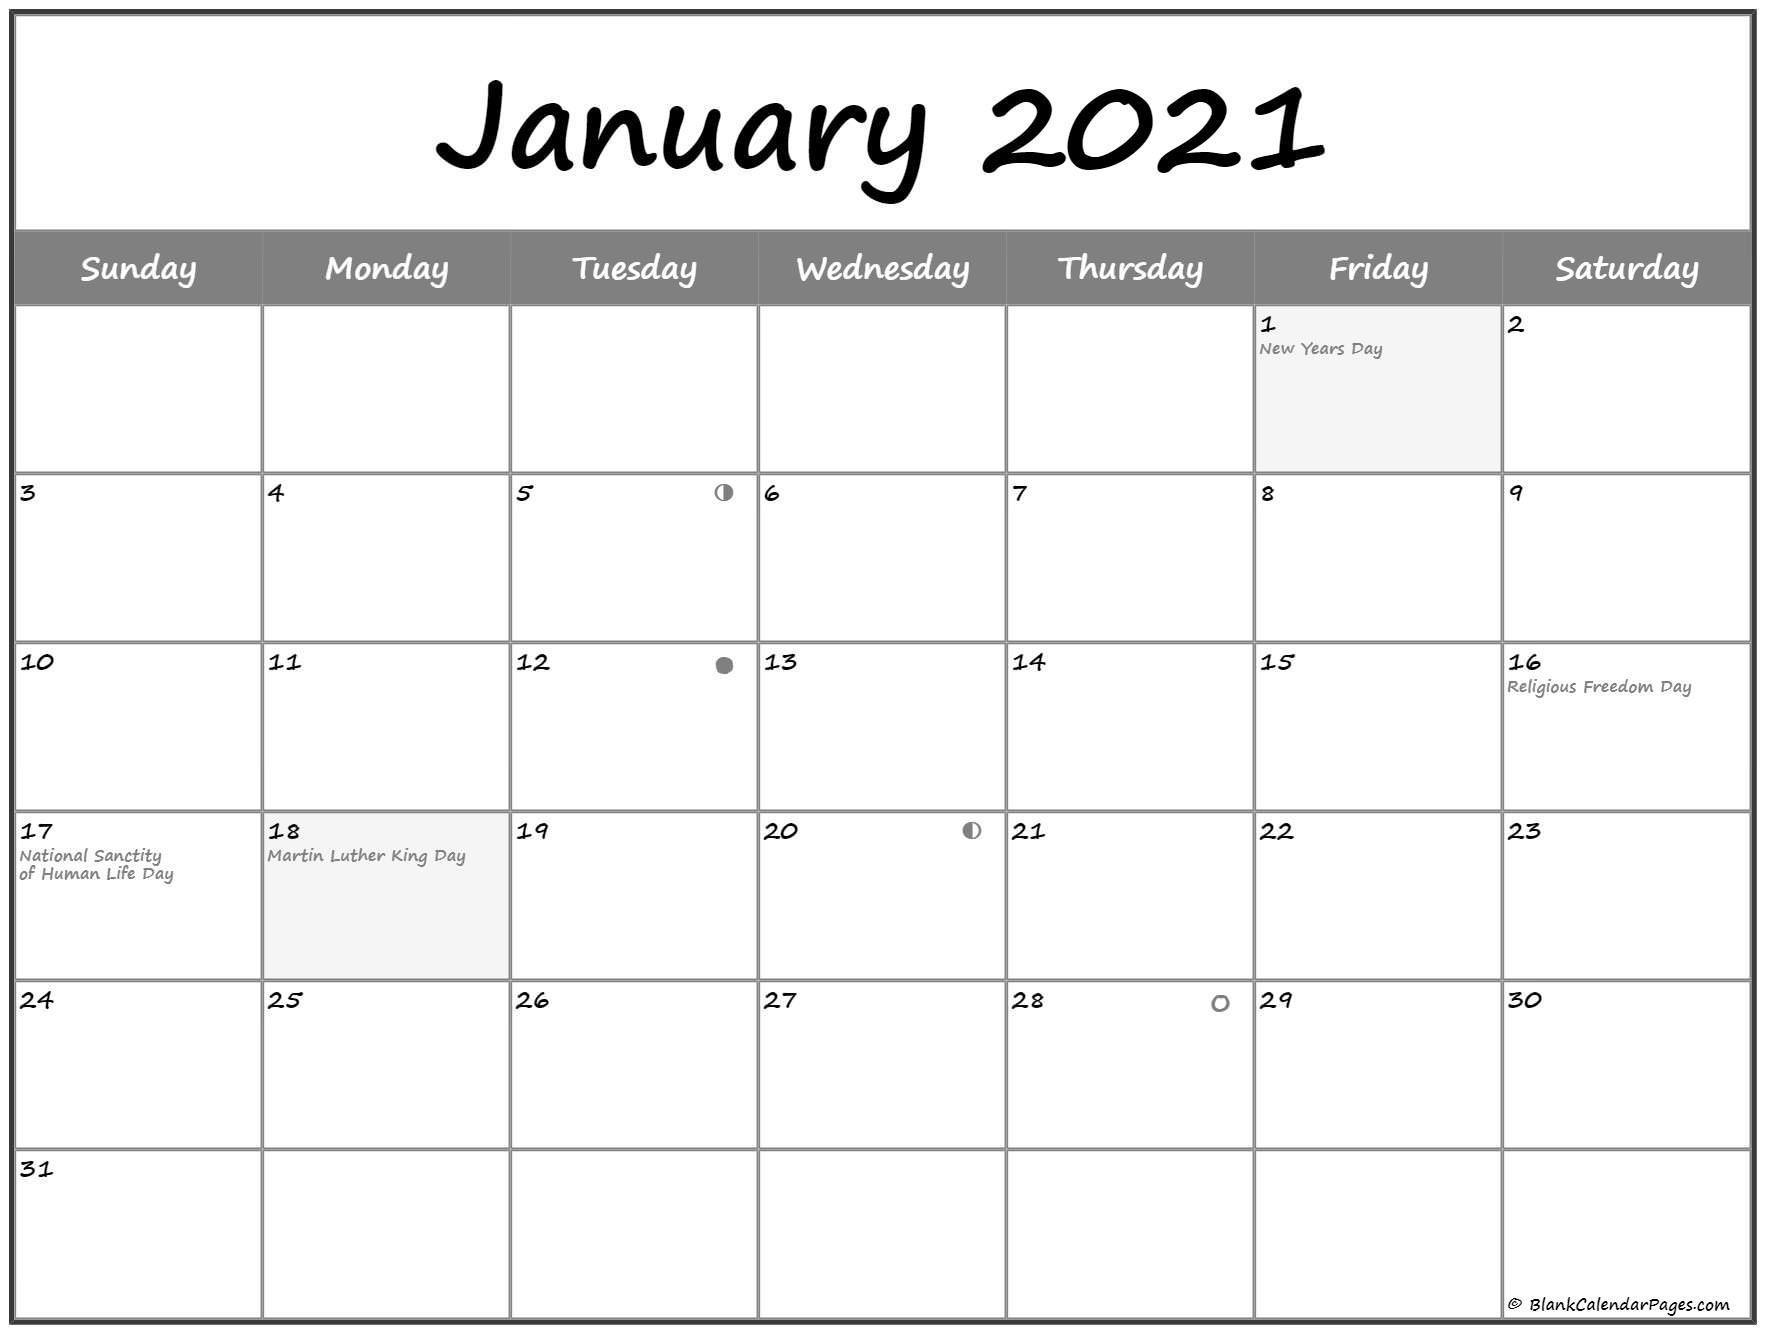 january 2021 lunar calendar   moon phase calendar